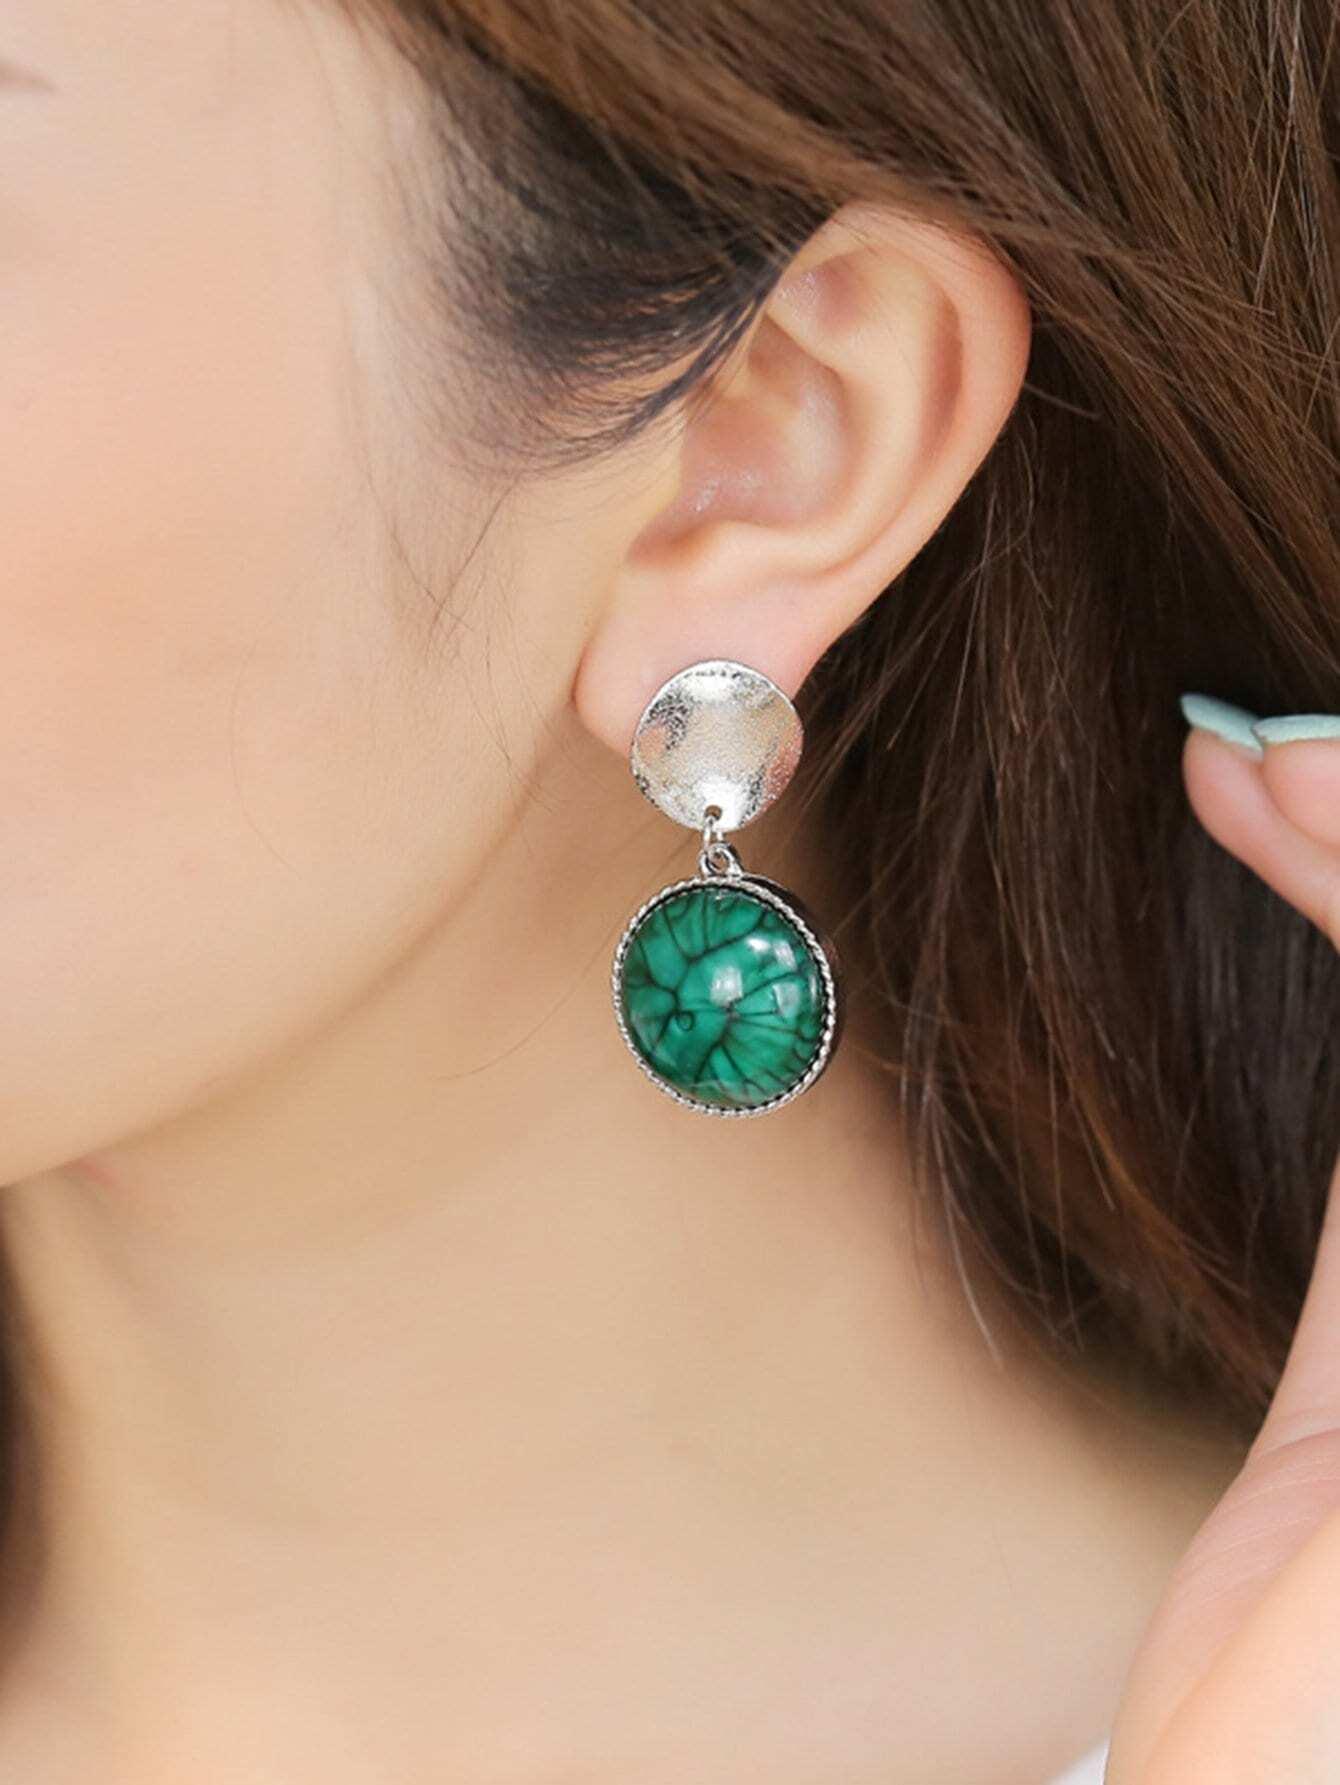 Contrast Round Drop Earrings contrast rhinestone drop earrings